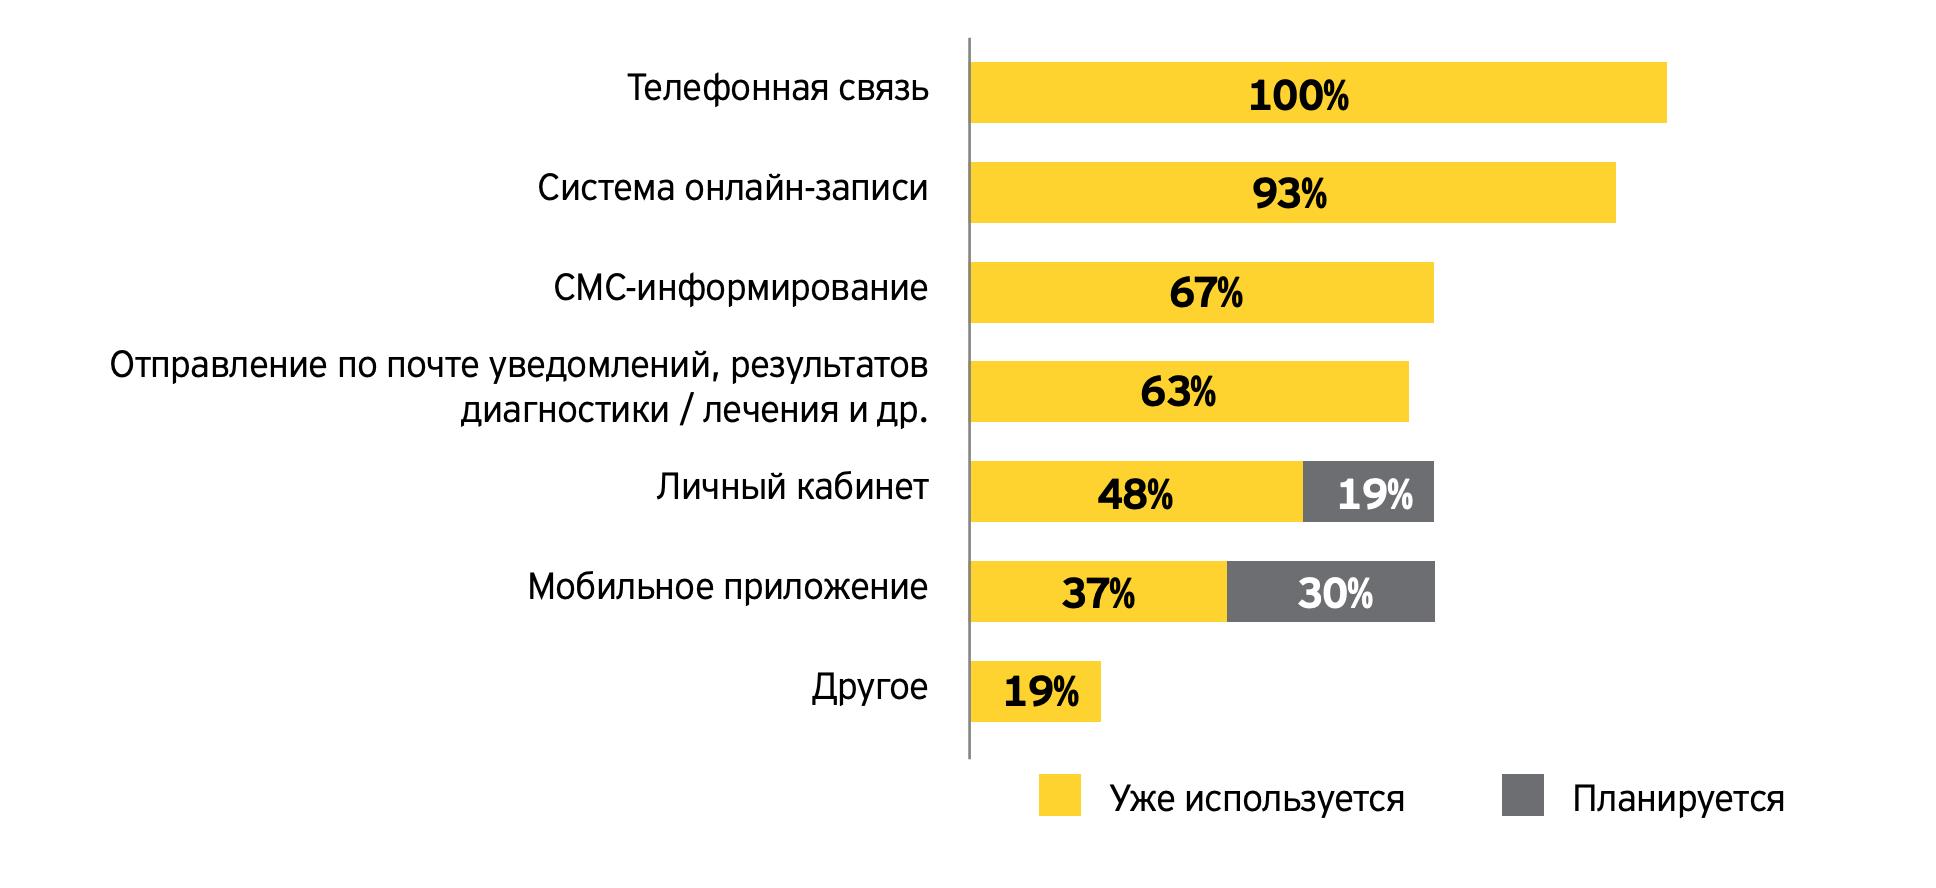 Технологии, которые московские клиники планируют использовать или уже используют в своей работе по данным ey.com